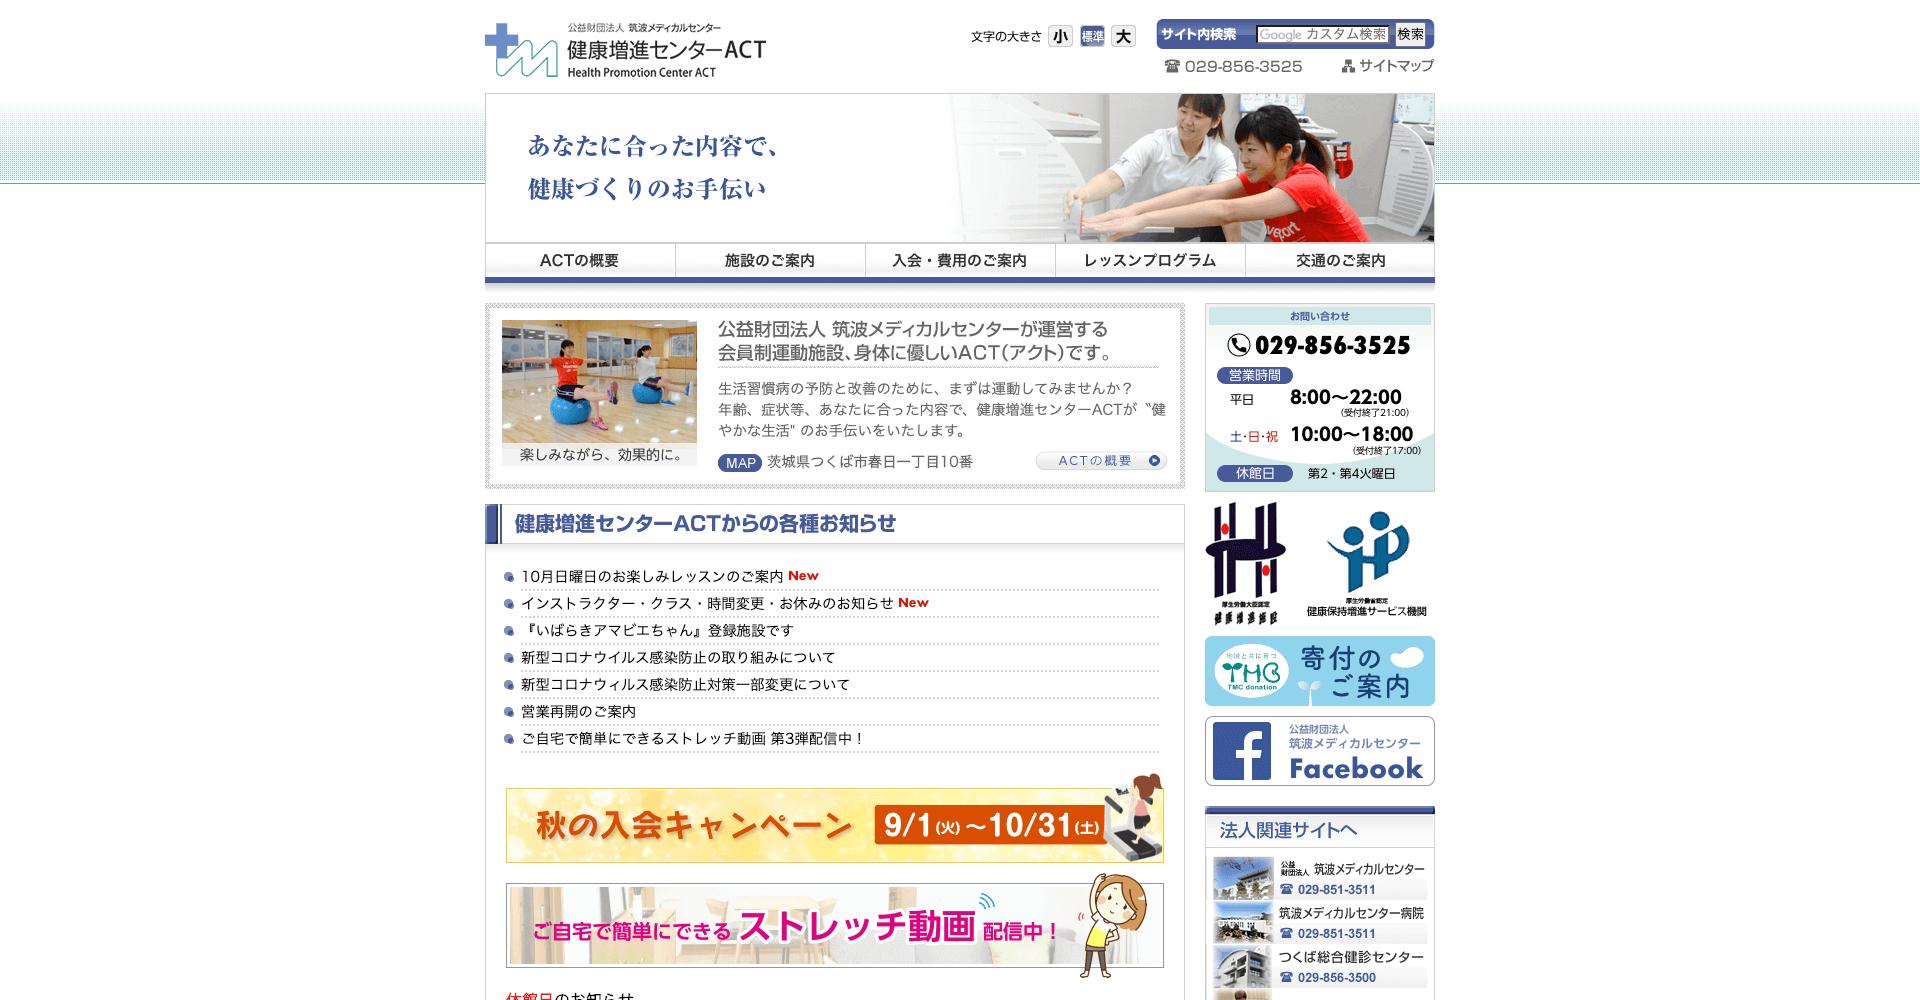 筑波メディカルセンター(公益(財)) 健康増進センターACT